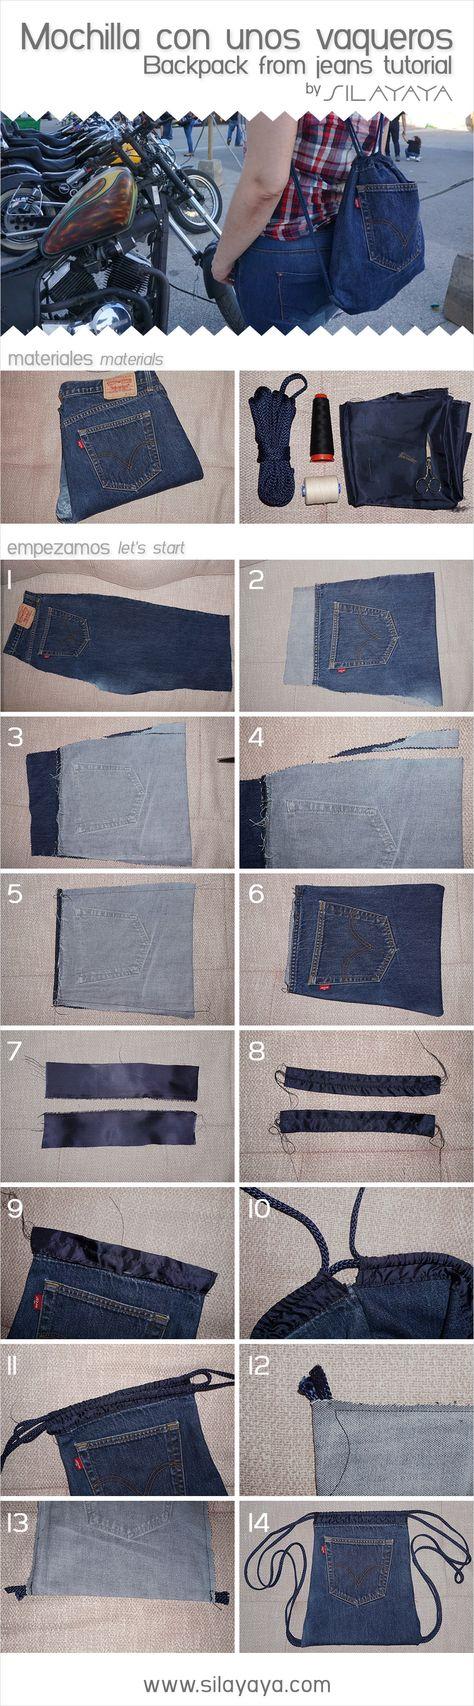 tutorial_mochila_vaquera_jeans_backpack